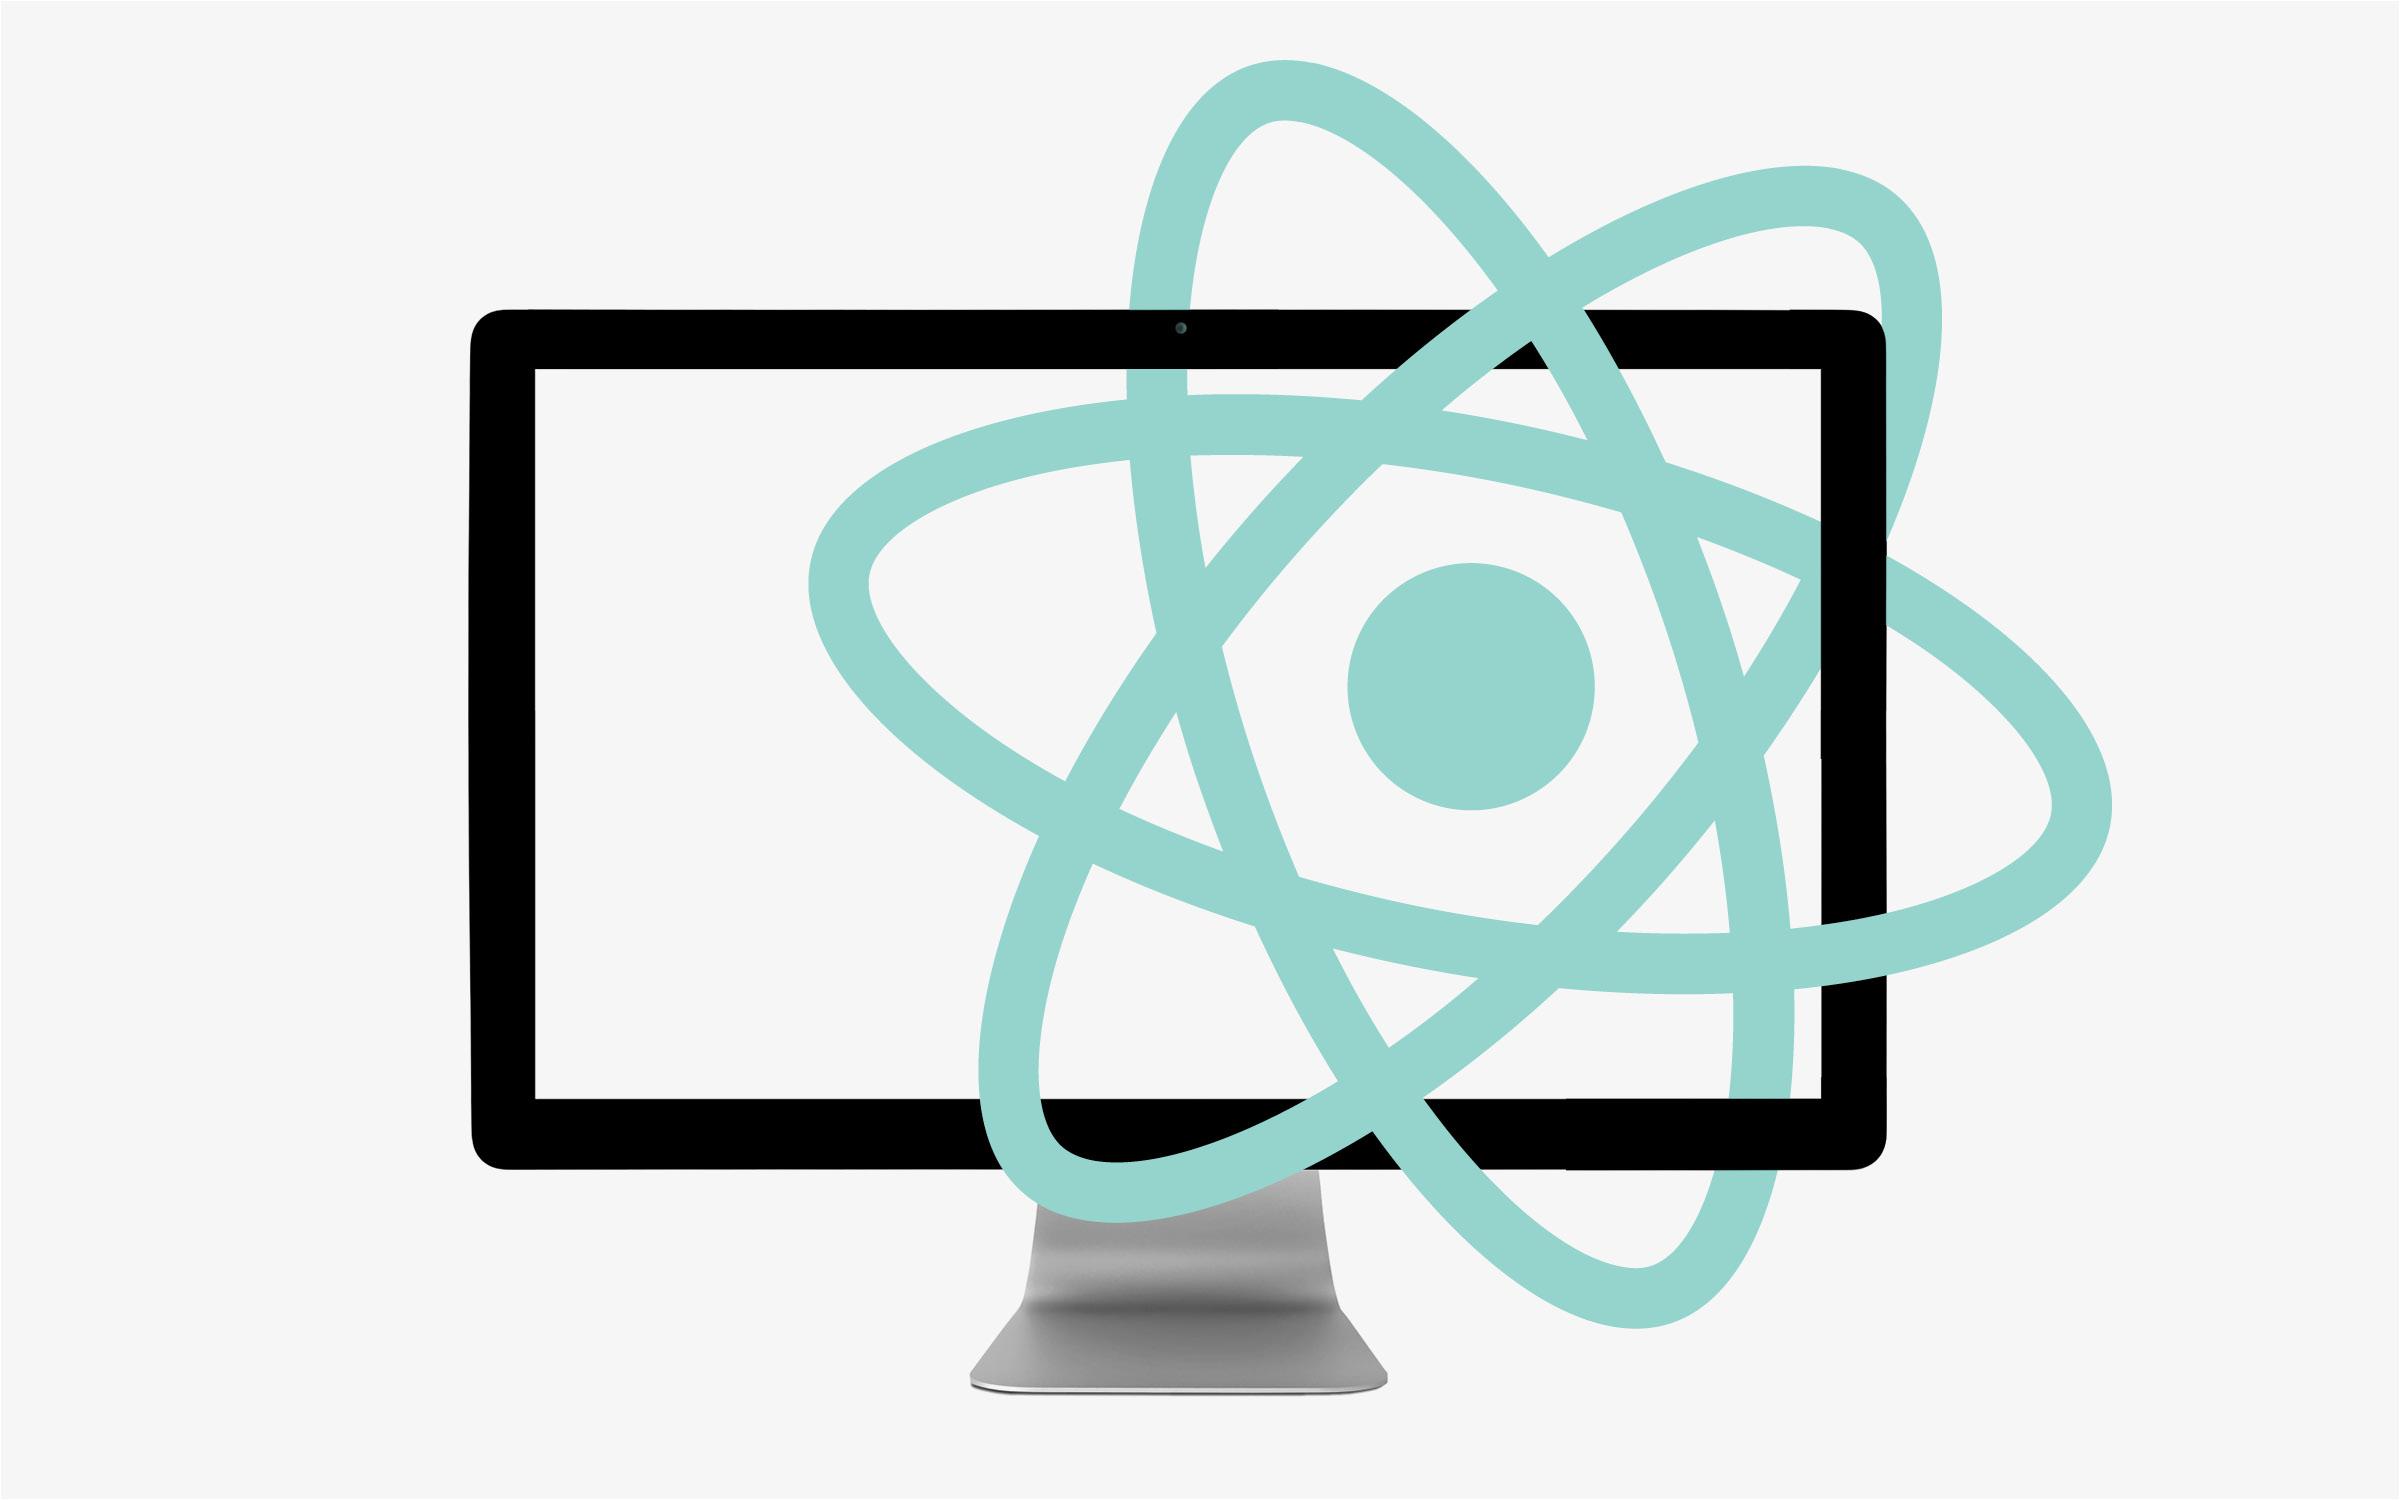 Code react logo desktop